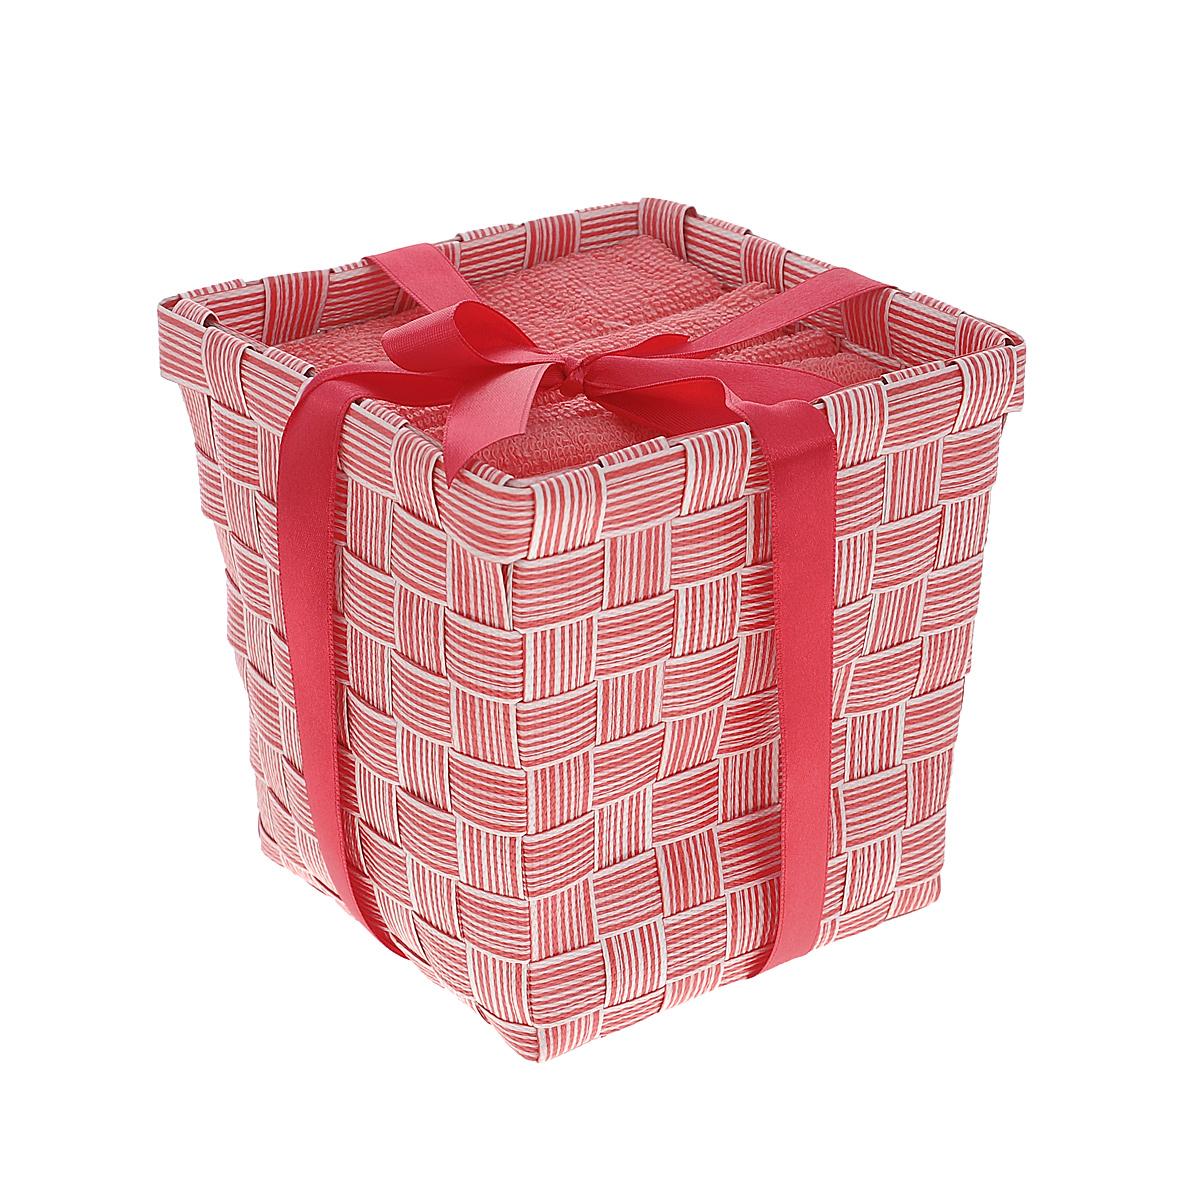 Набор полотенец Miolla, в корзине, цвет: коралловый, 30 см х 30 см, 6 шт07562-200Набор Miolla состоит из шести квадратных полотенец, выполненных из хлопка. Полотенца мягкие, приятные на ощупь, хорошо впитывают влагу. Для хранения полотенец предусмотрена специальная плетеная корзинка, перевязанная атласной ленточкой. Такой набор станет хорошим подарком для хозяйки и пригодится в быту.